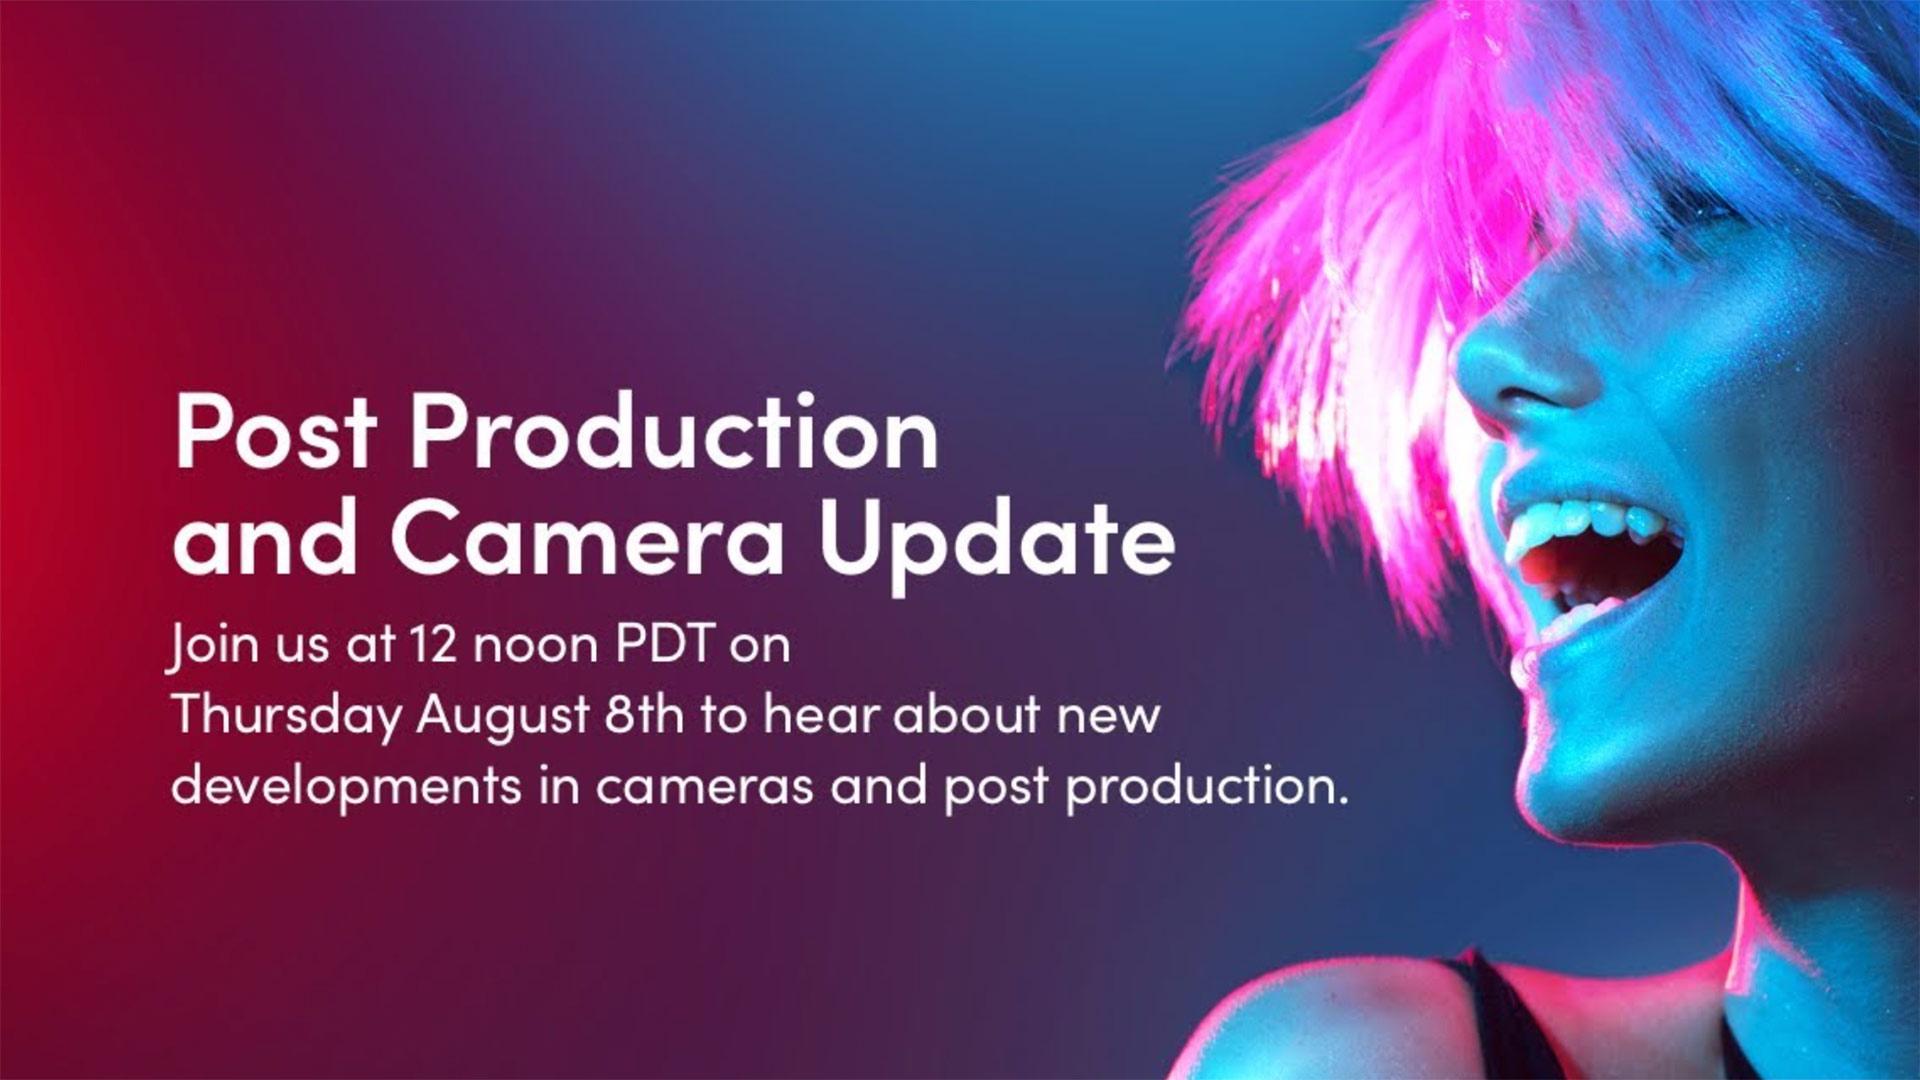 """Blackmagic Design anuncia transmisión sobre """"Postproducción y actualización de cámara"""" más tarde hoy"""